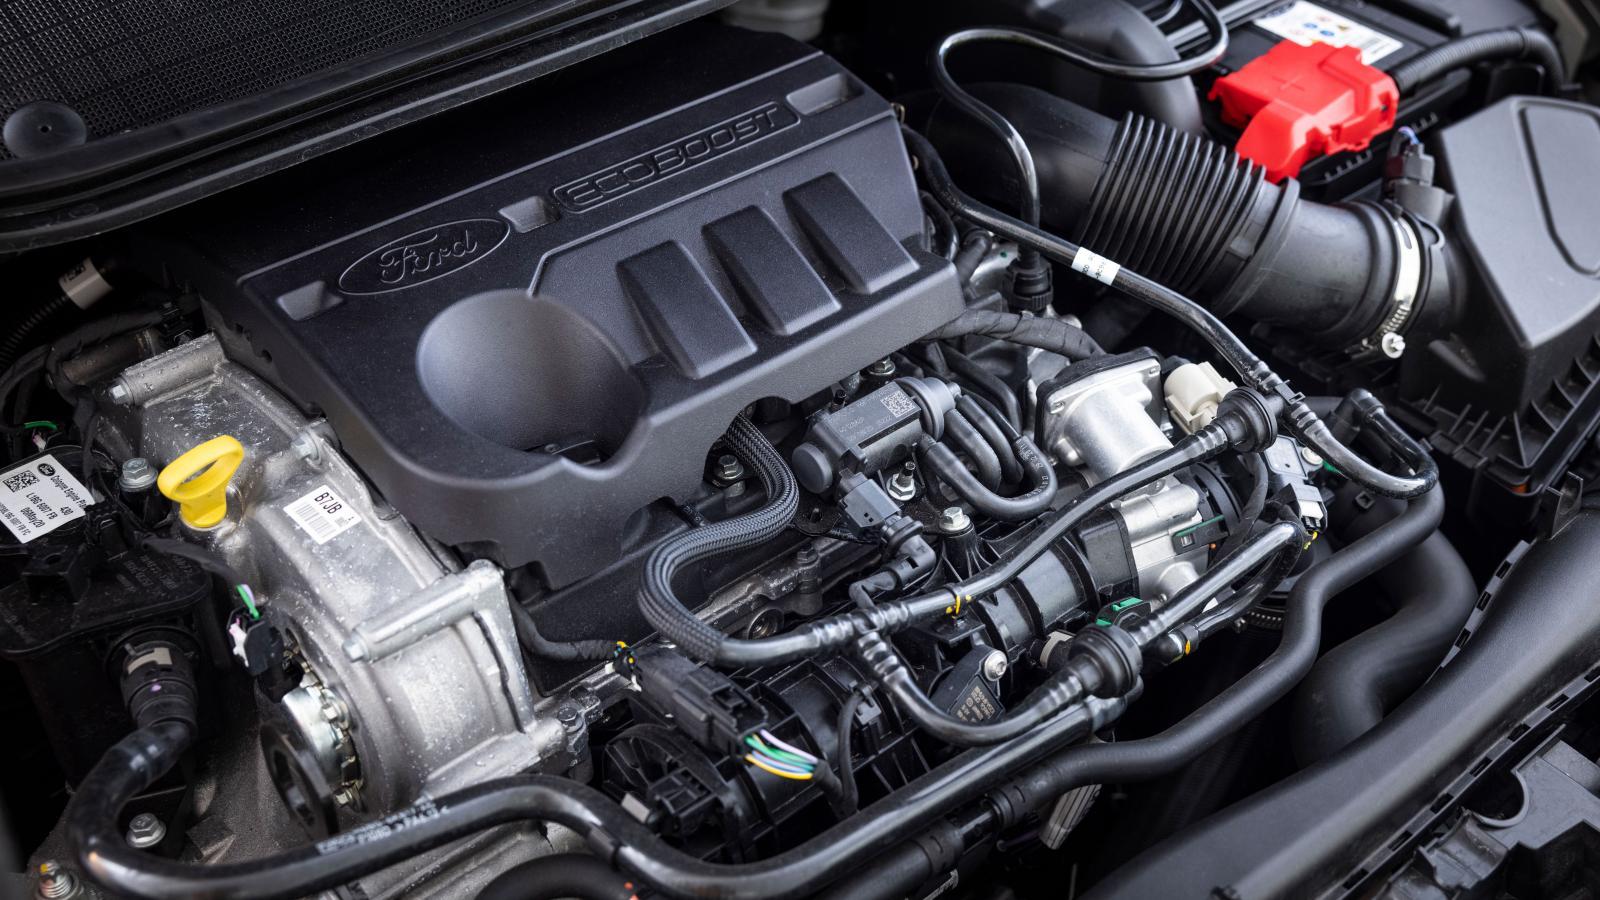 Fords trecylindriga enlitersmotor är en bekant men ganska stökig syn. Trevligt morrig ton.